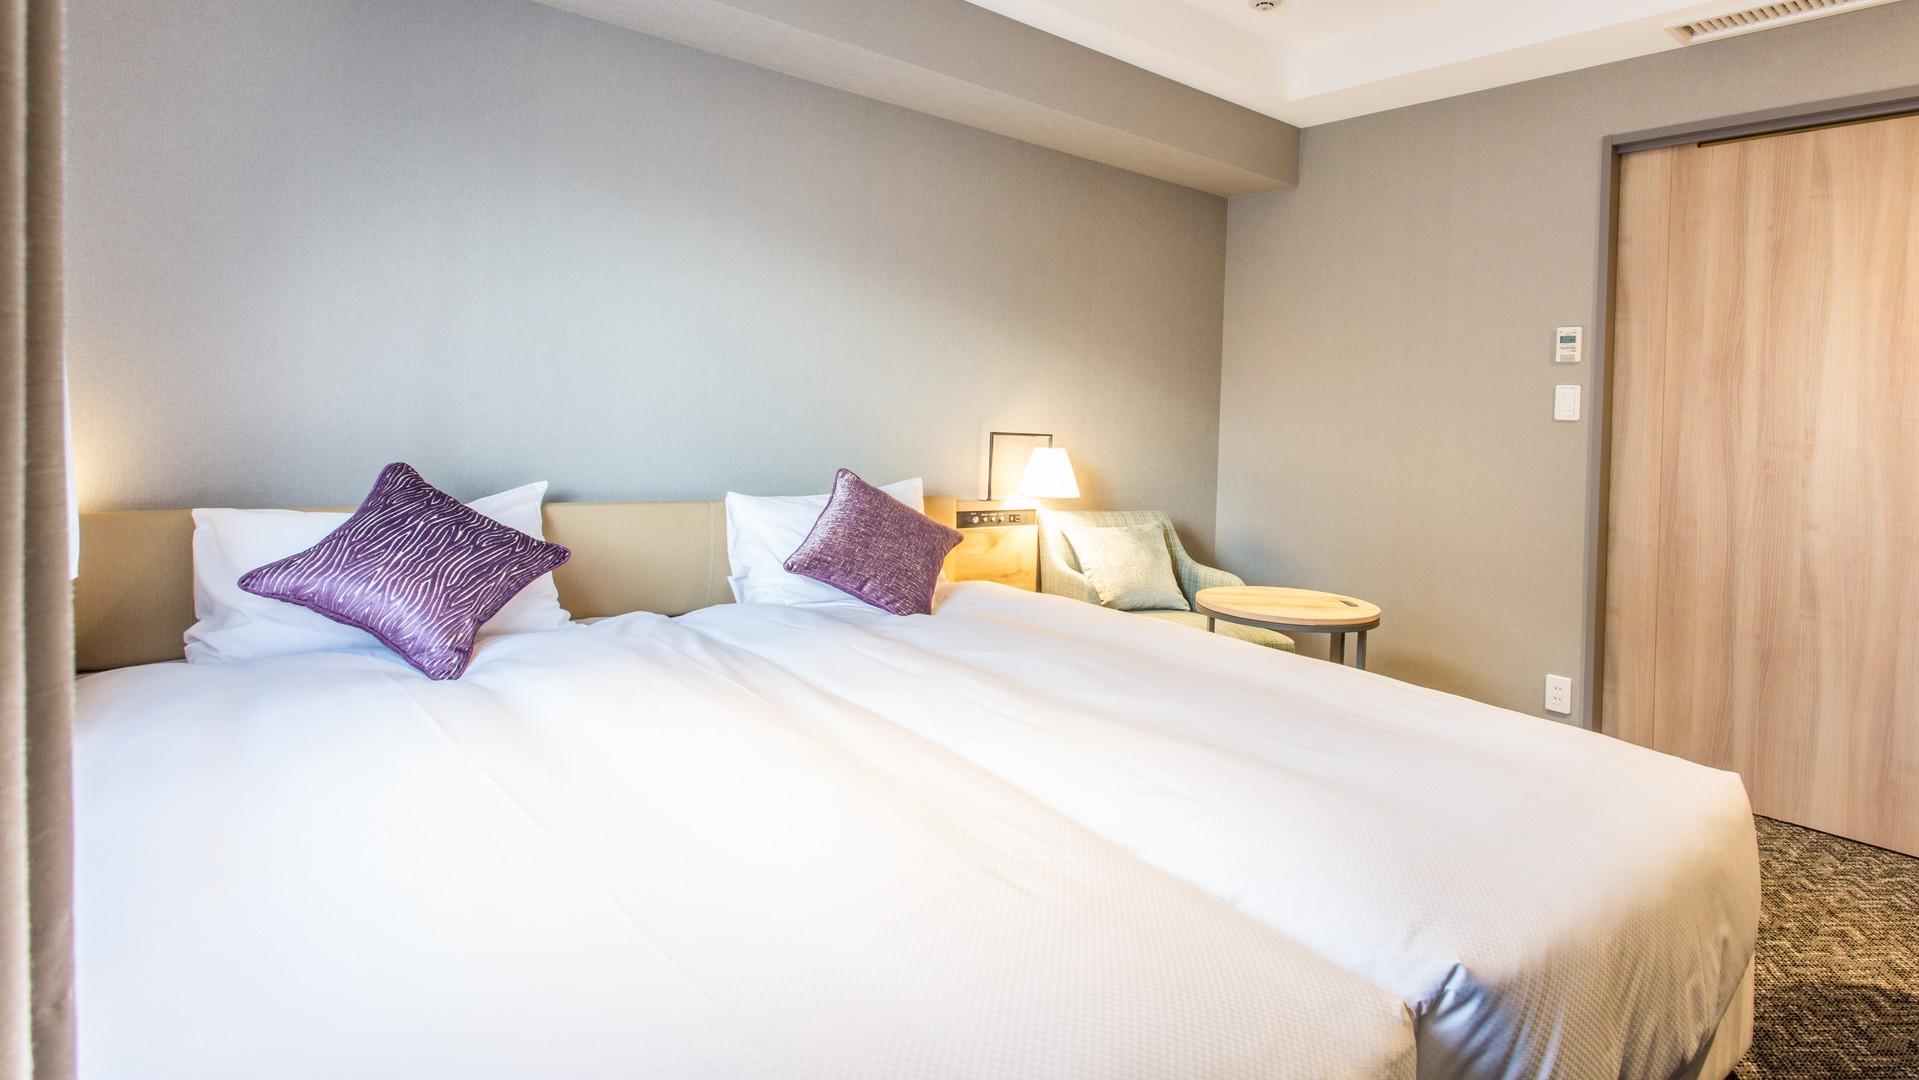 [スタンダードツイン] 17.4m2 ベッド幅100cm2台(ベッド2台がくっついているタイプです)